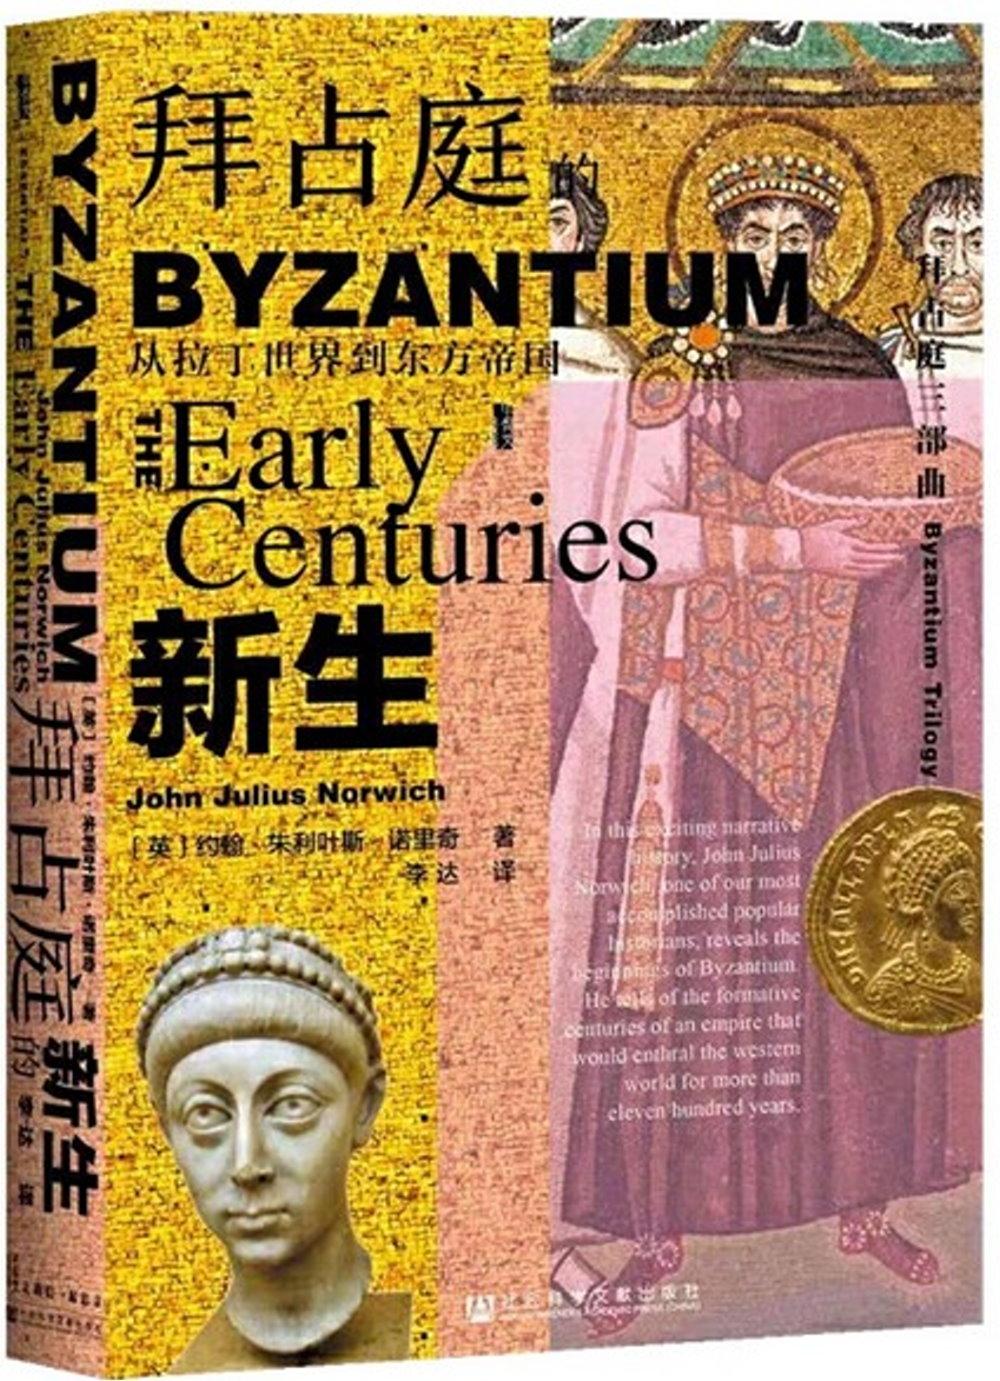 拜占庭的新生:從拉丁世界到東方帝國